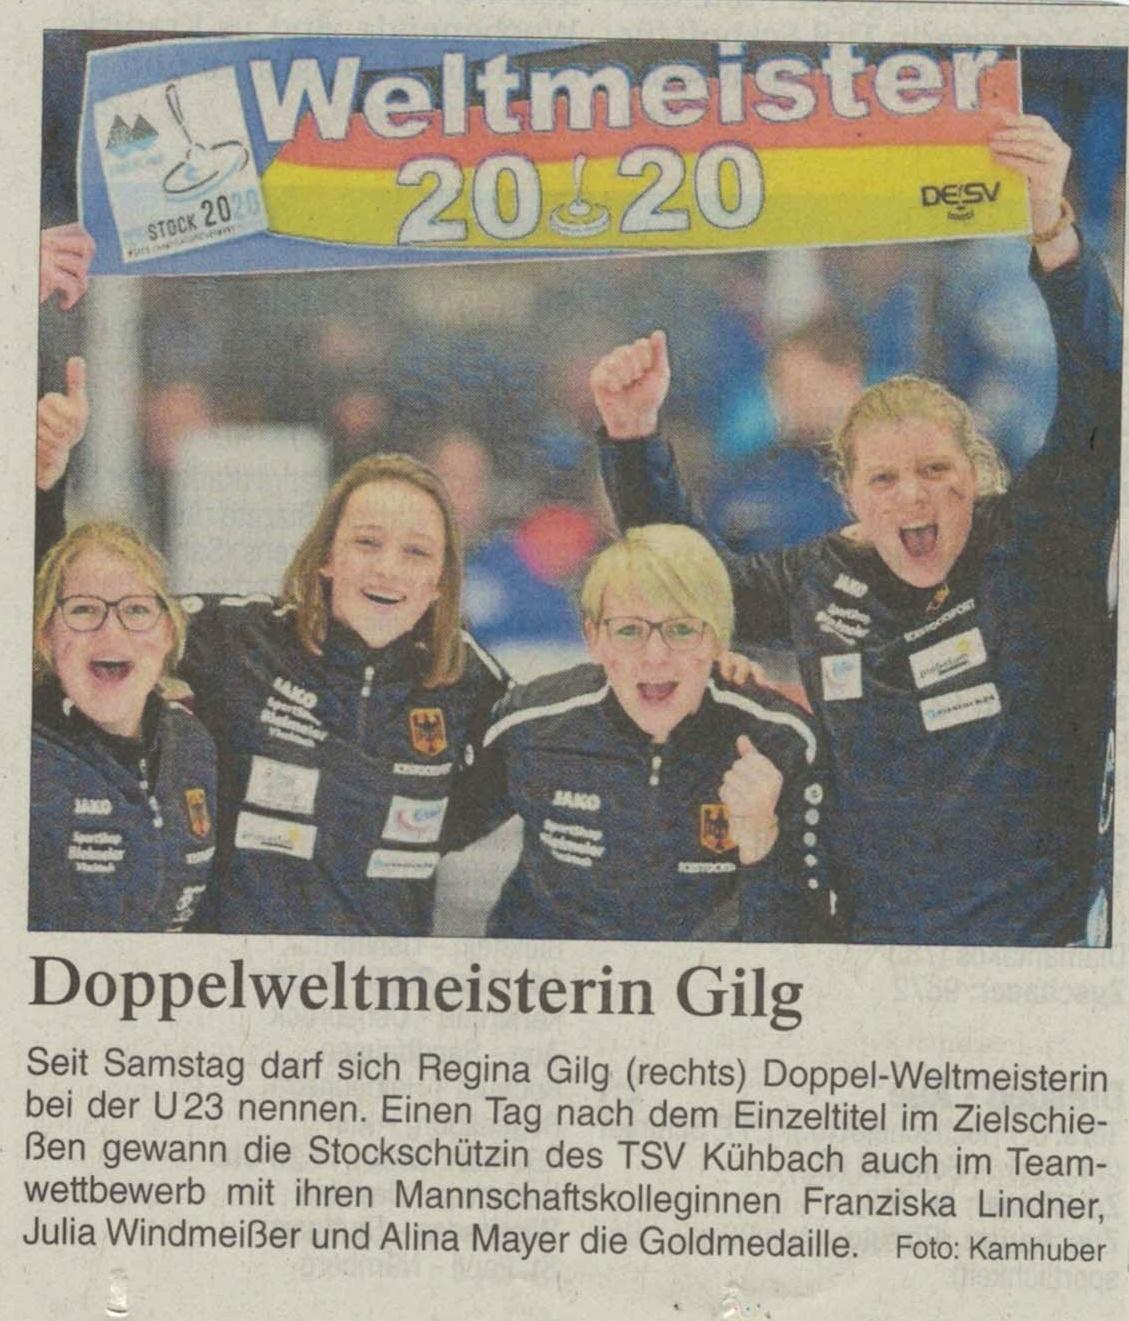 Doppelweltmeisterin Gilg